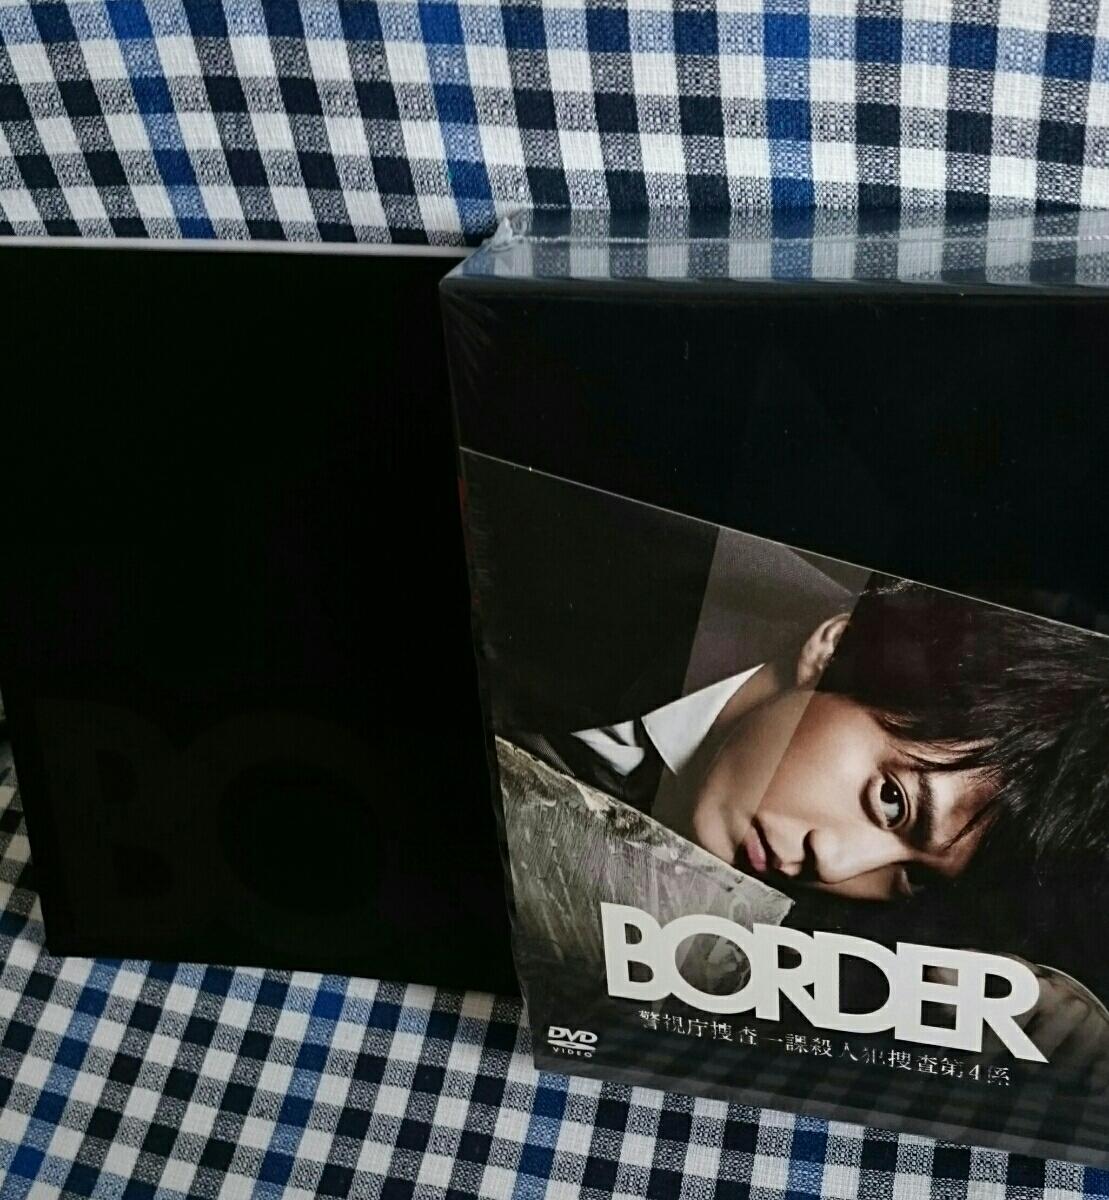 BORDER DVD BOX 6枚組+豪華ブックレット 小栗旬 ボーダー 美品 グッズの画像